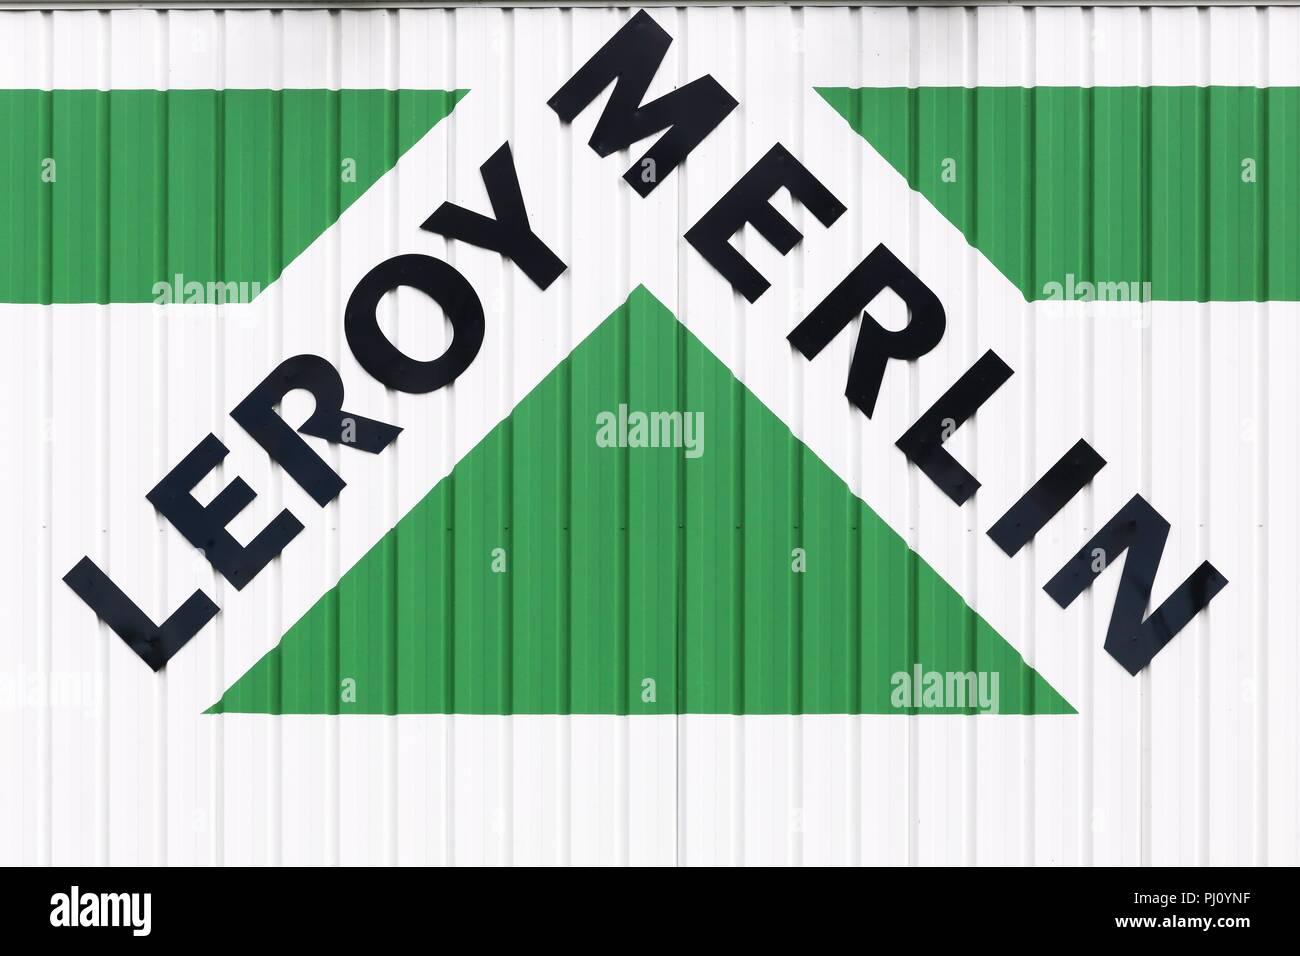 Tienda Leroy Merlin Imágenes De Stock Tienda Leroy Merlin